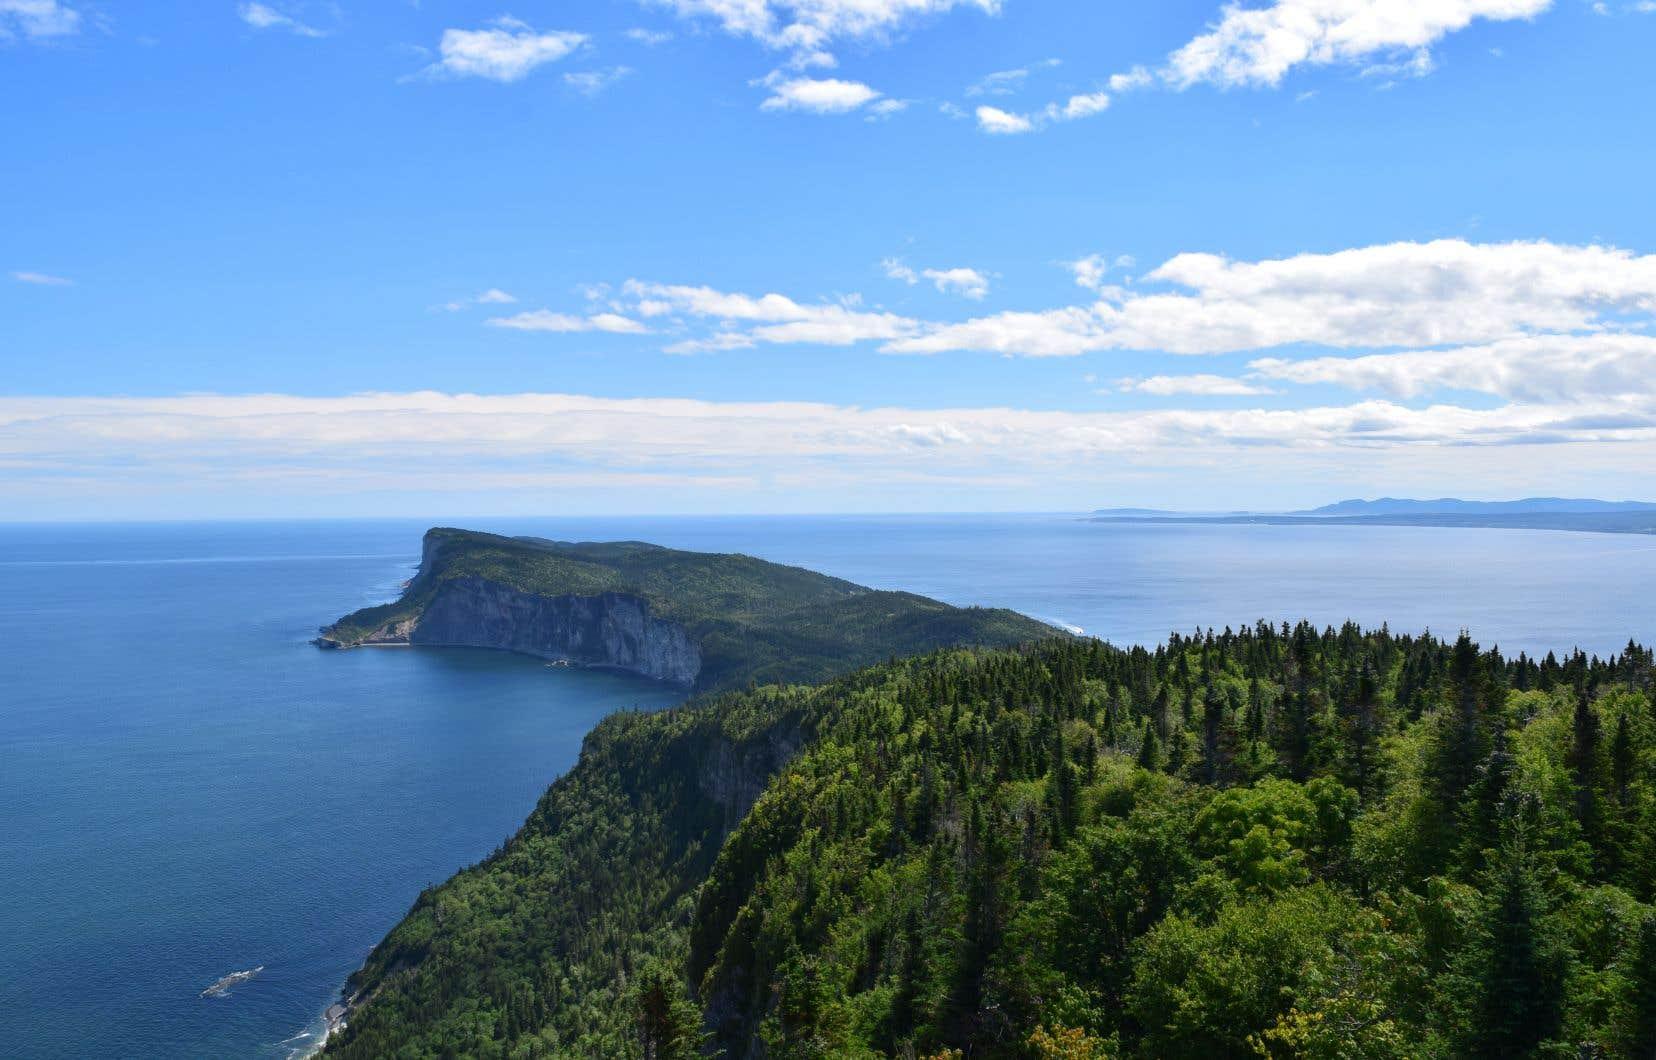 Les pays de l'ONU se sont engagés à mieux protéger les milieux naturels terrestres et maritimes. Le parc Forillon (sur la photo), situé en Gaspésie, bénéficie de mesures de protection.